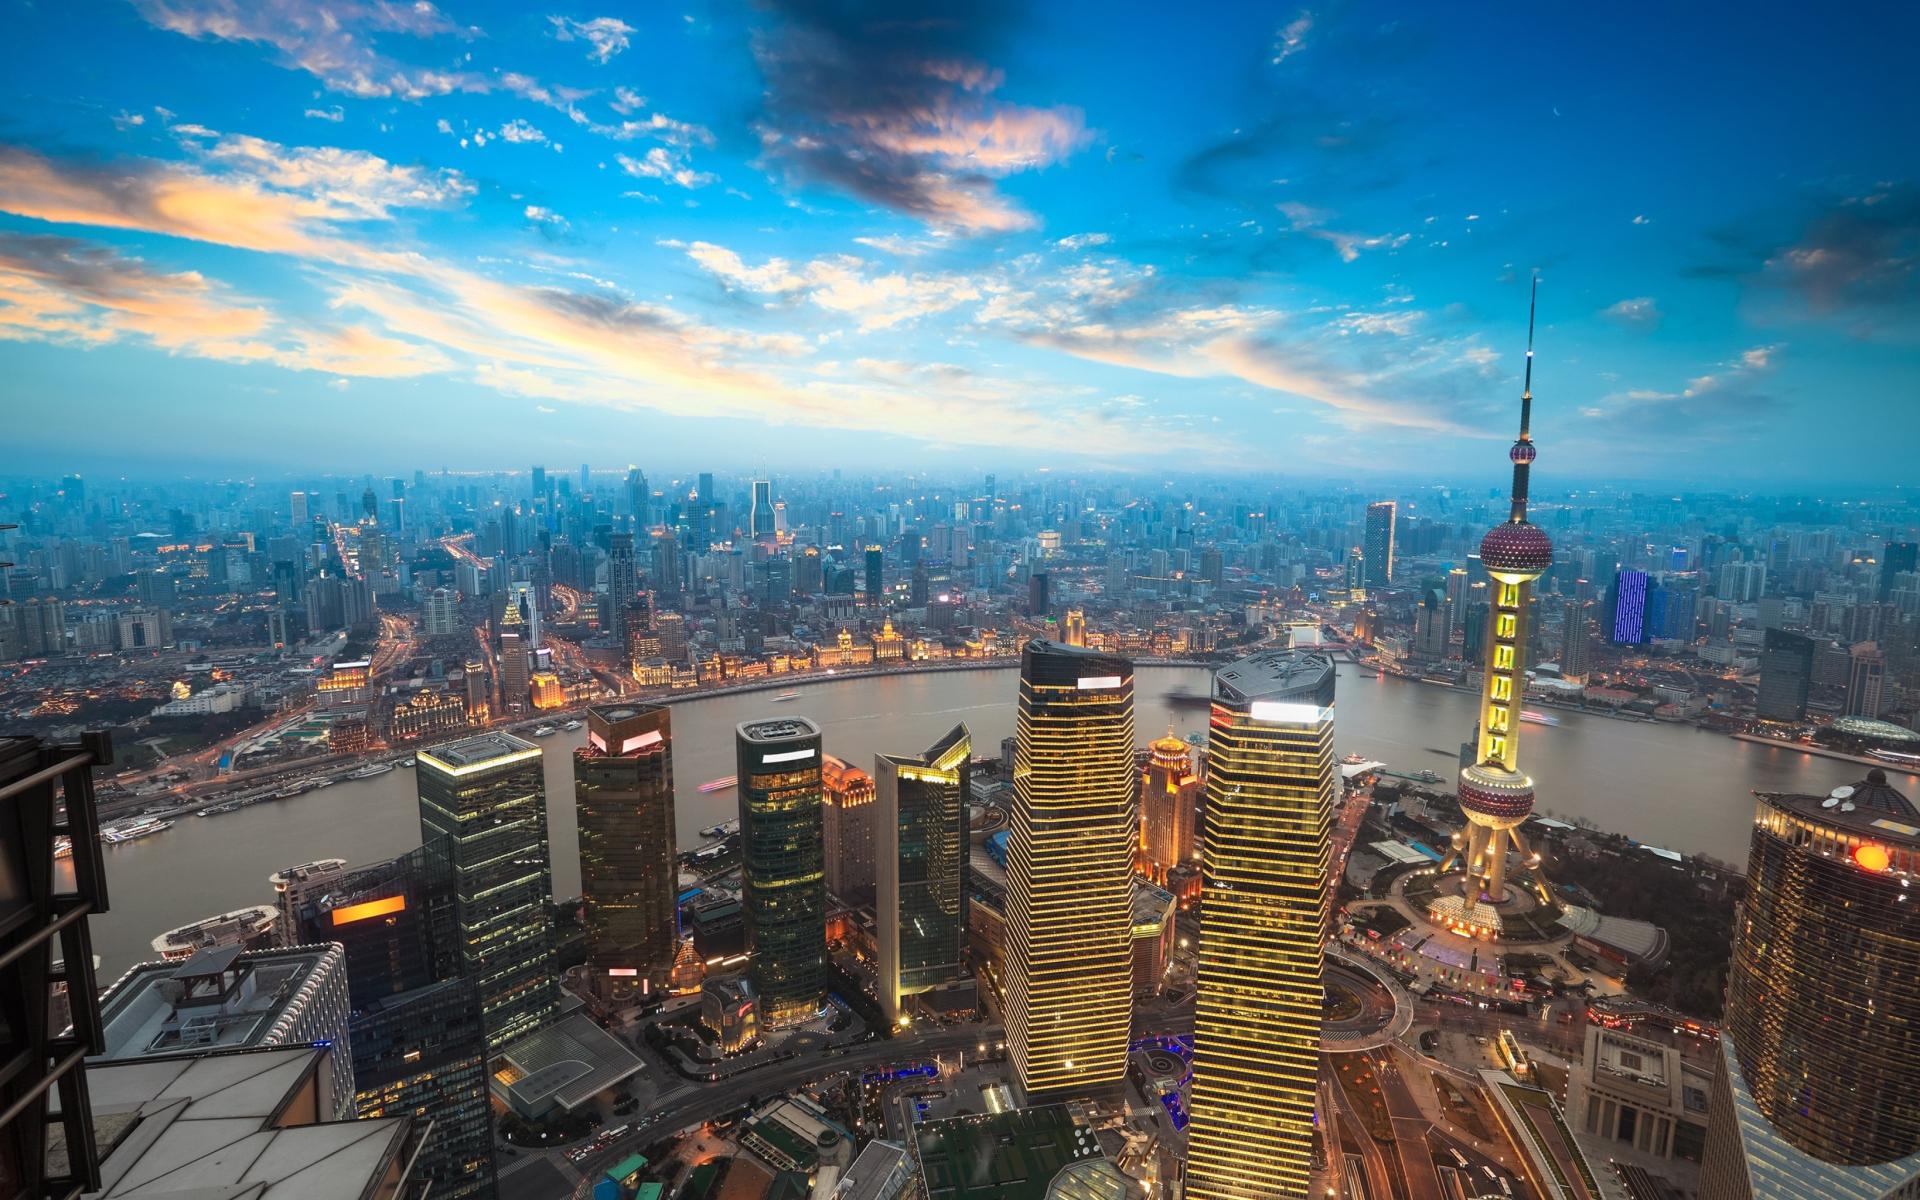 Shanghai Sunset para Widescreen Desktop PC 1920x1080 Full HD